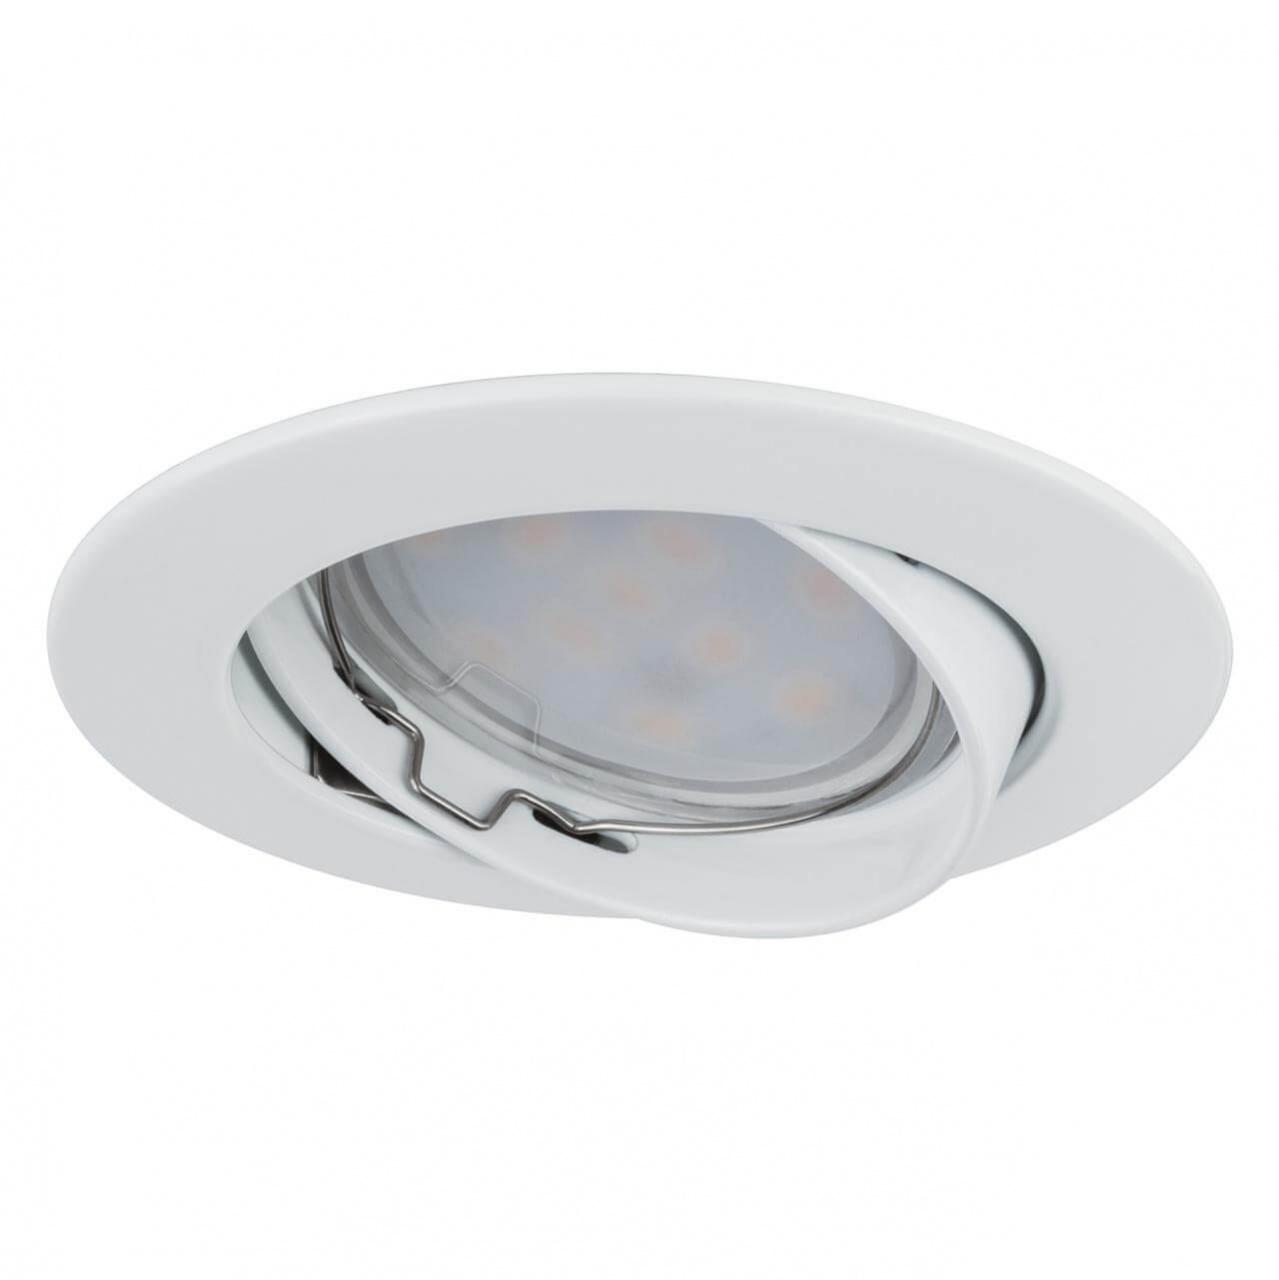 Встраиваемый светодиодный светильник Paulmann Coin 93978 цены